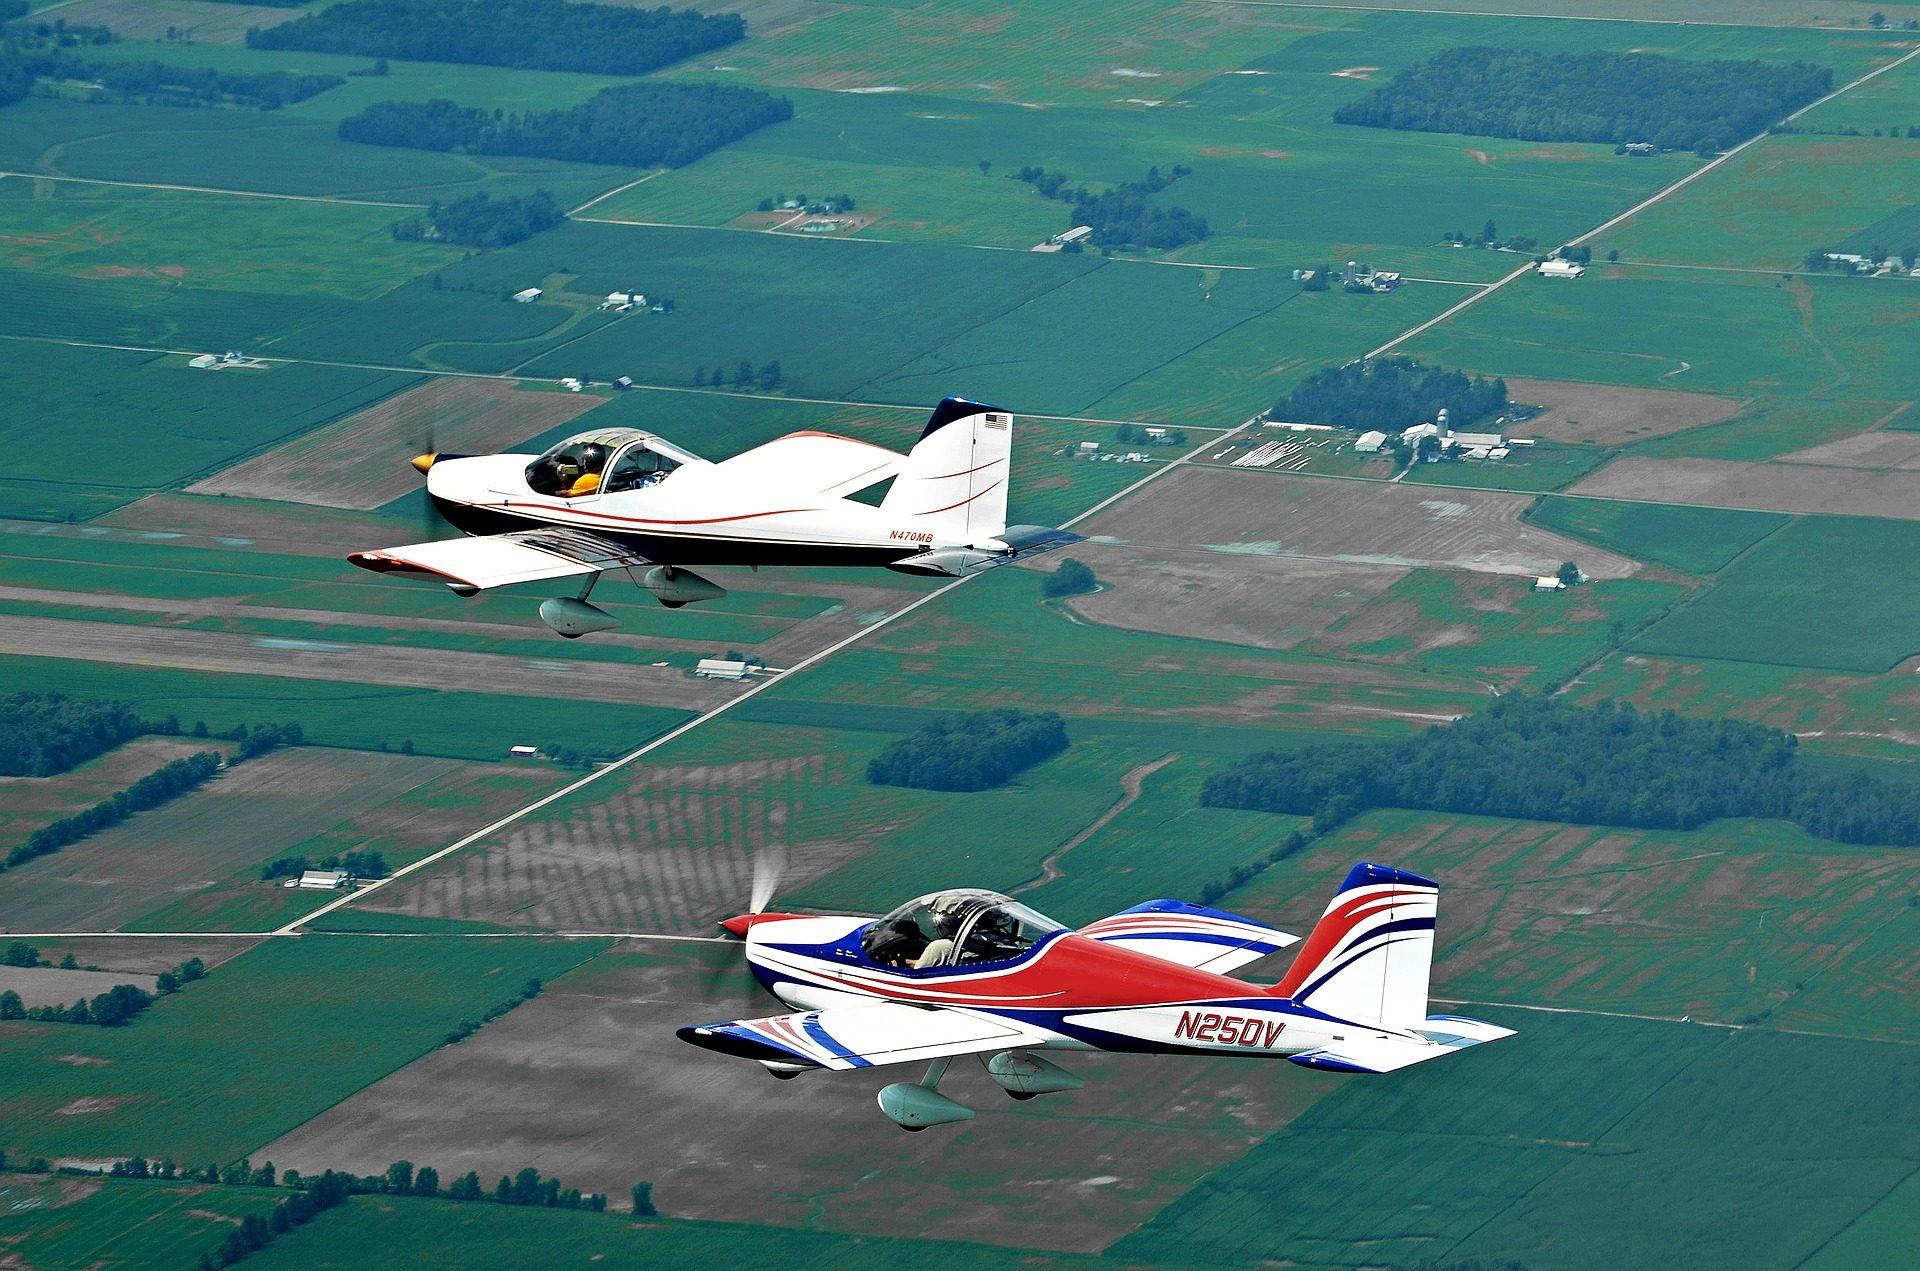 aeromobili, Aeroplani, aerei leggeri, Esplanade, volare - Sfondi HD - Professor-falken.com